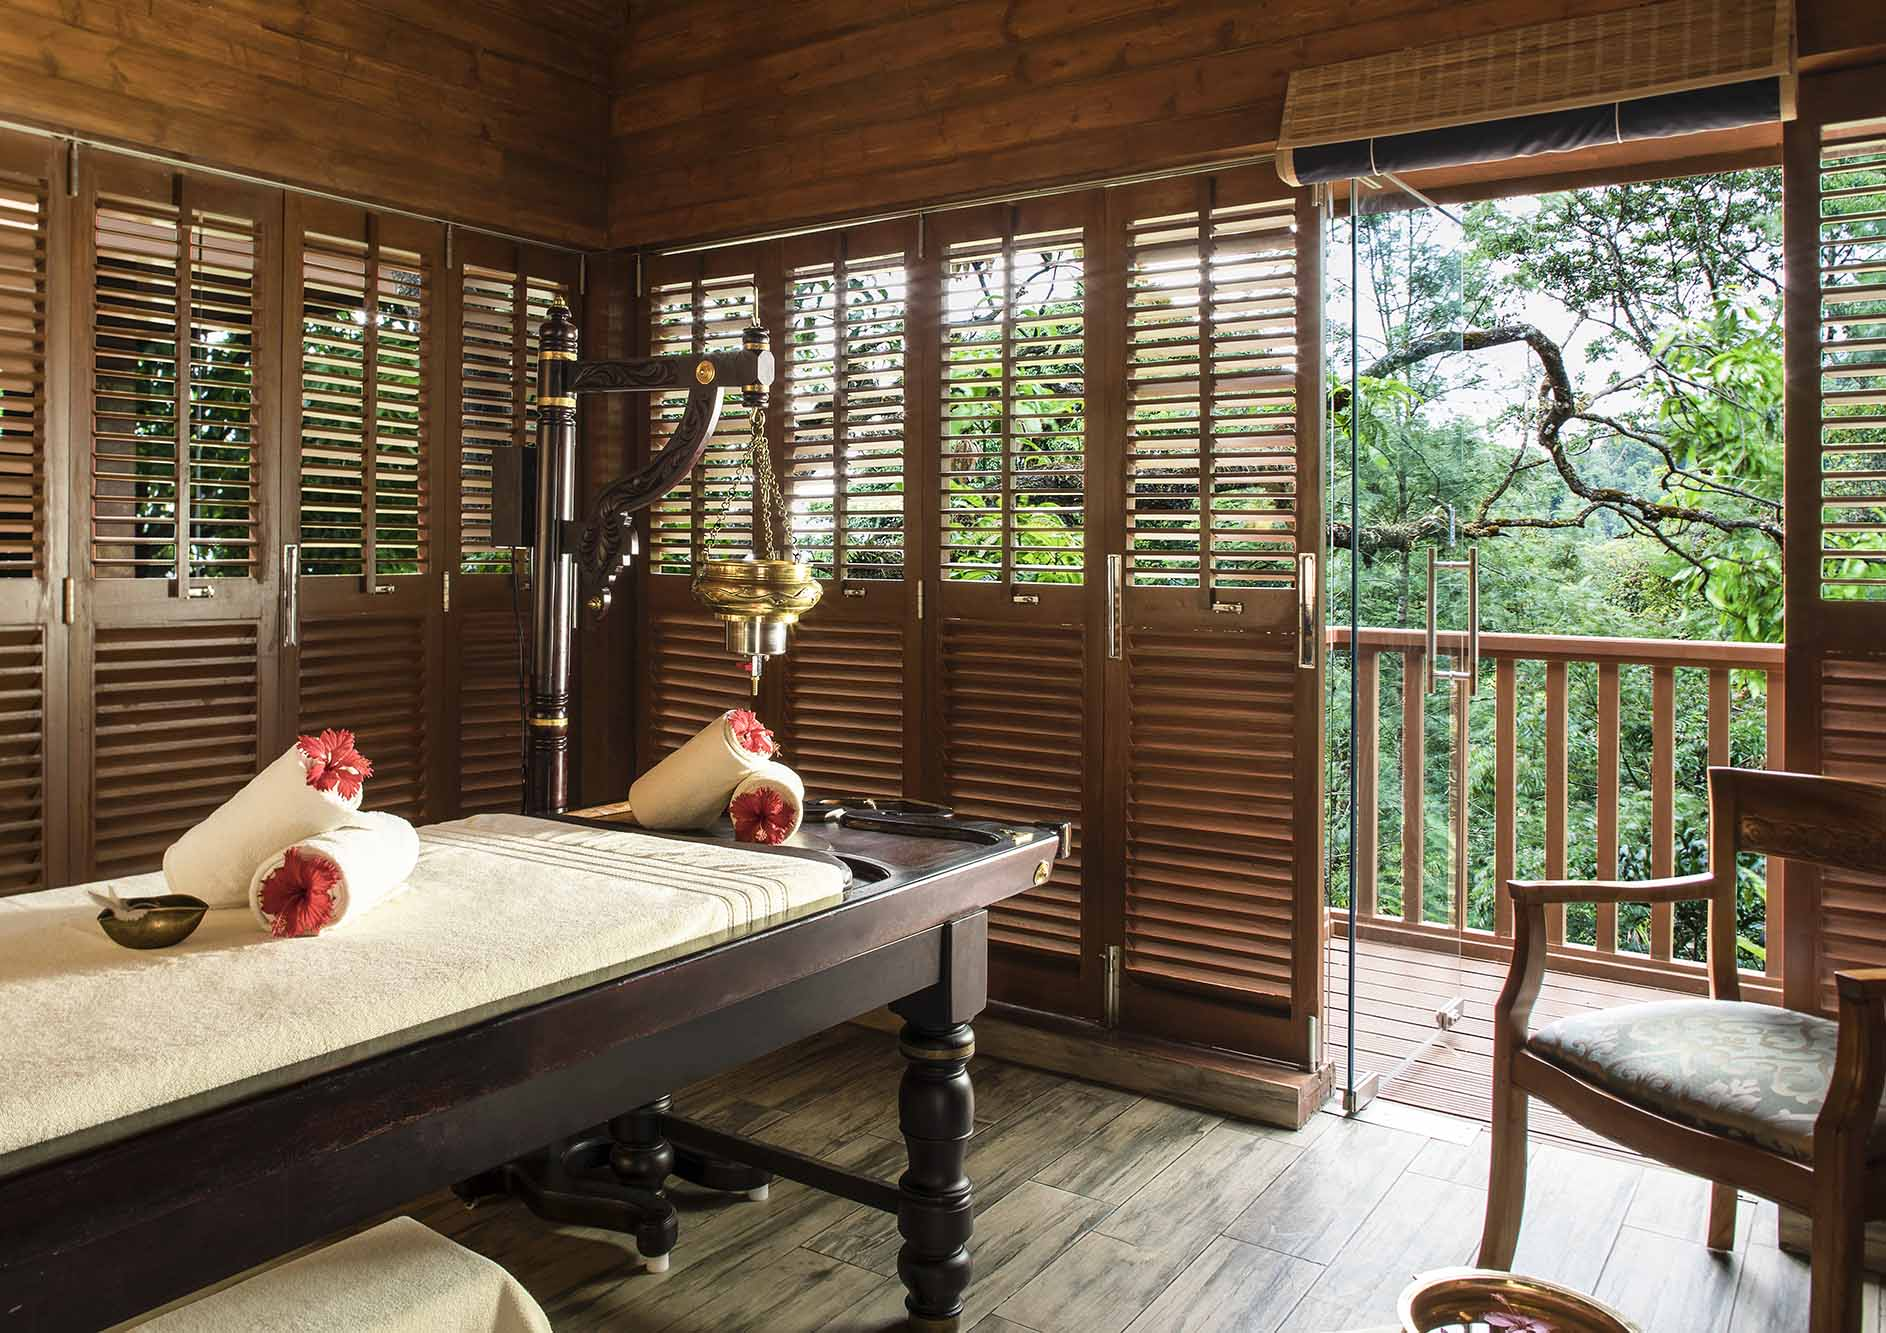 Luxury-ayurvedic-spa-massage-with-nature-view